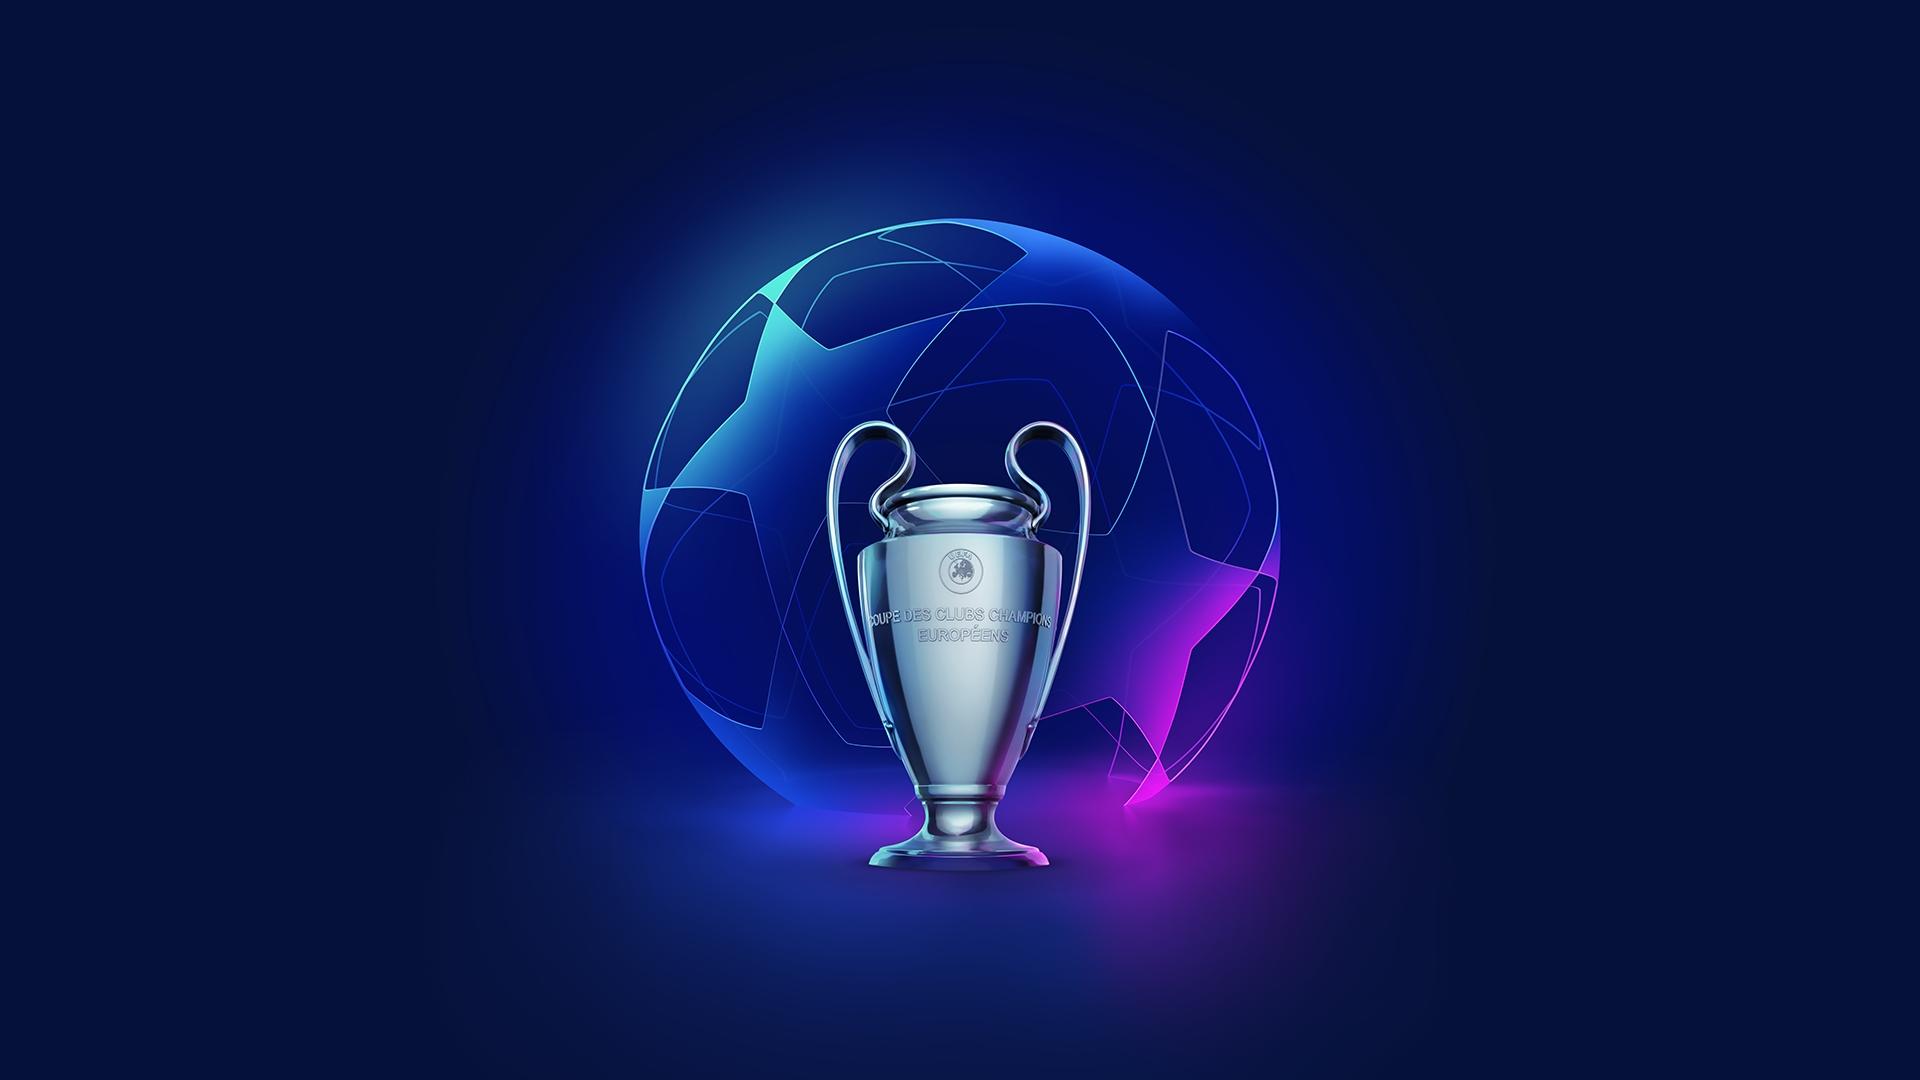 Шоуто Шампионска лига започва днес. След приключване на предварителните елиминации,